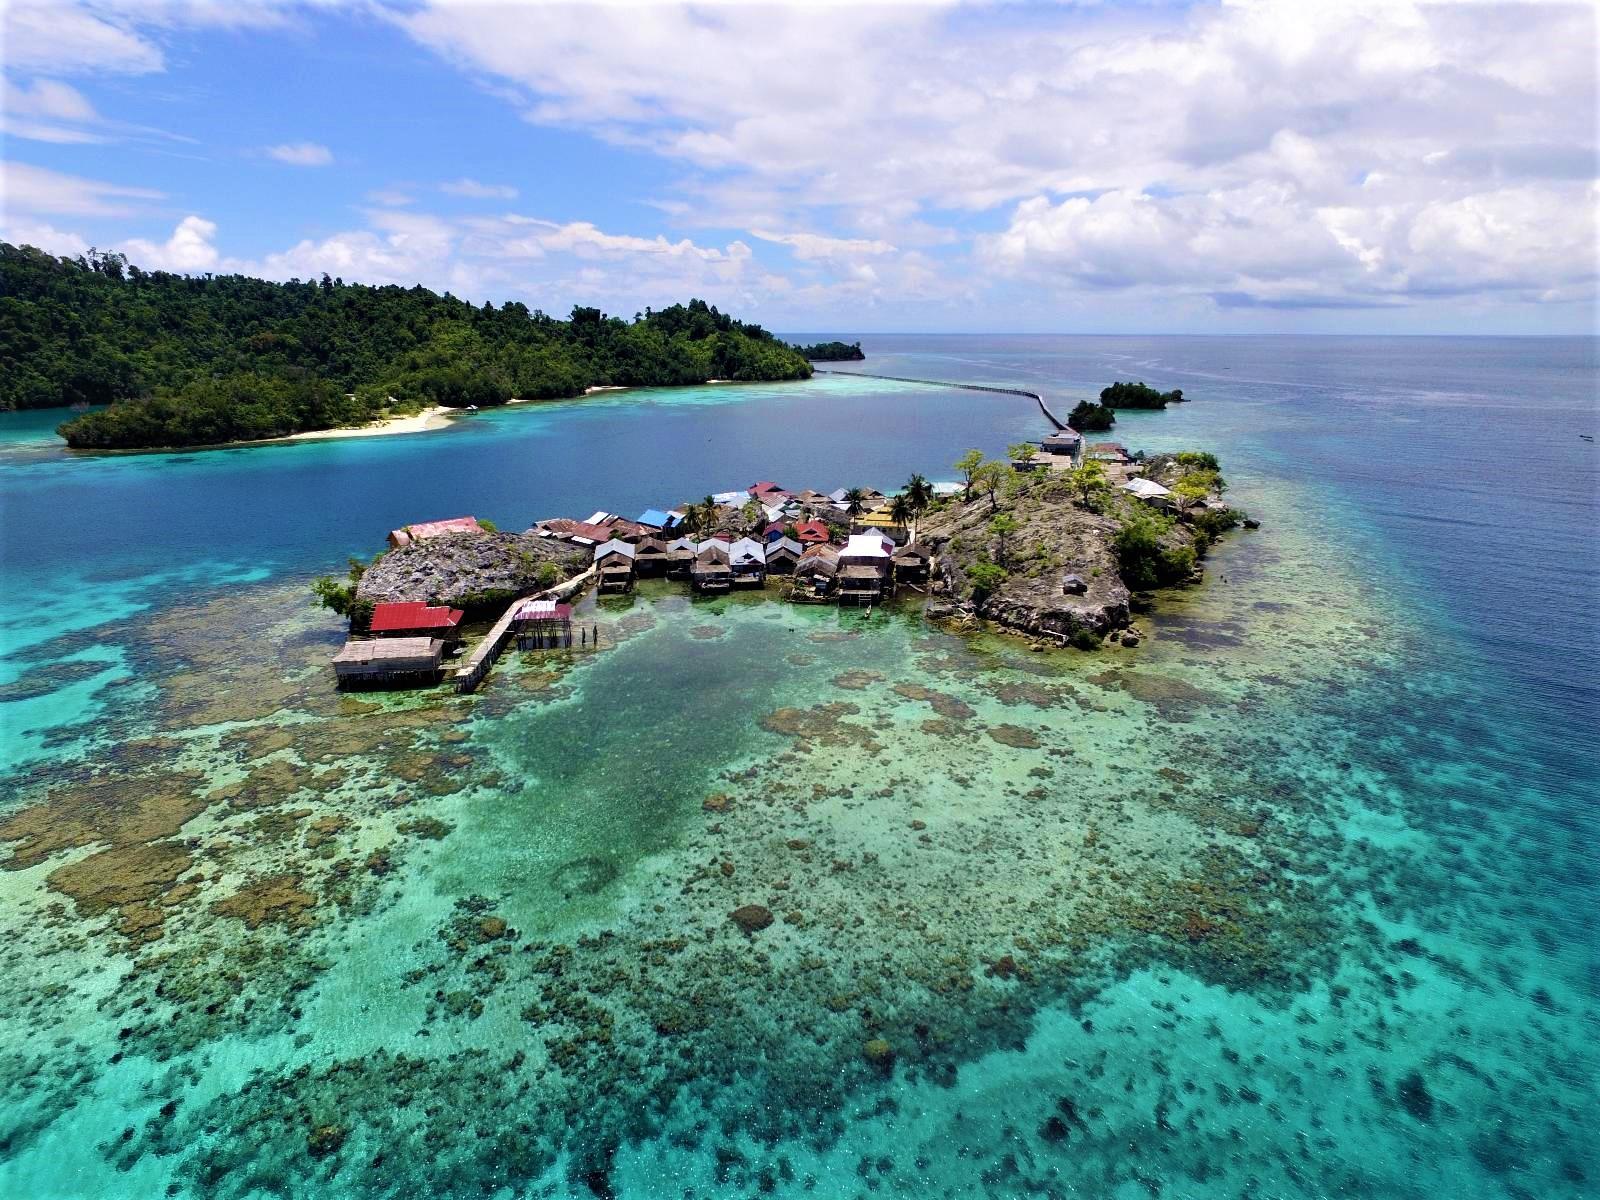 Papan Island